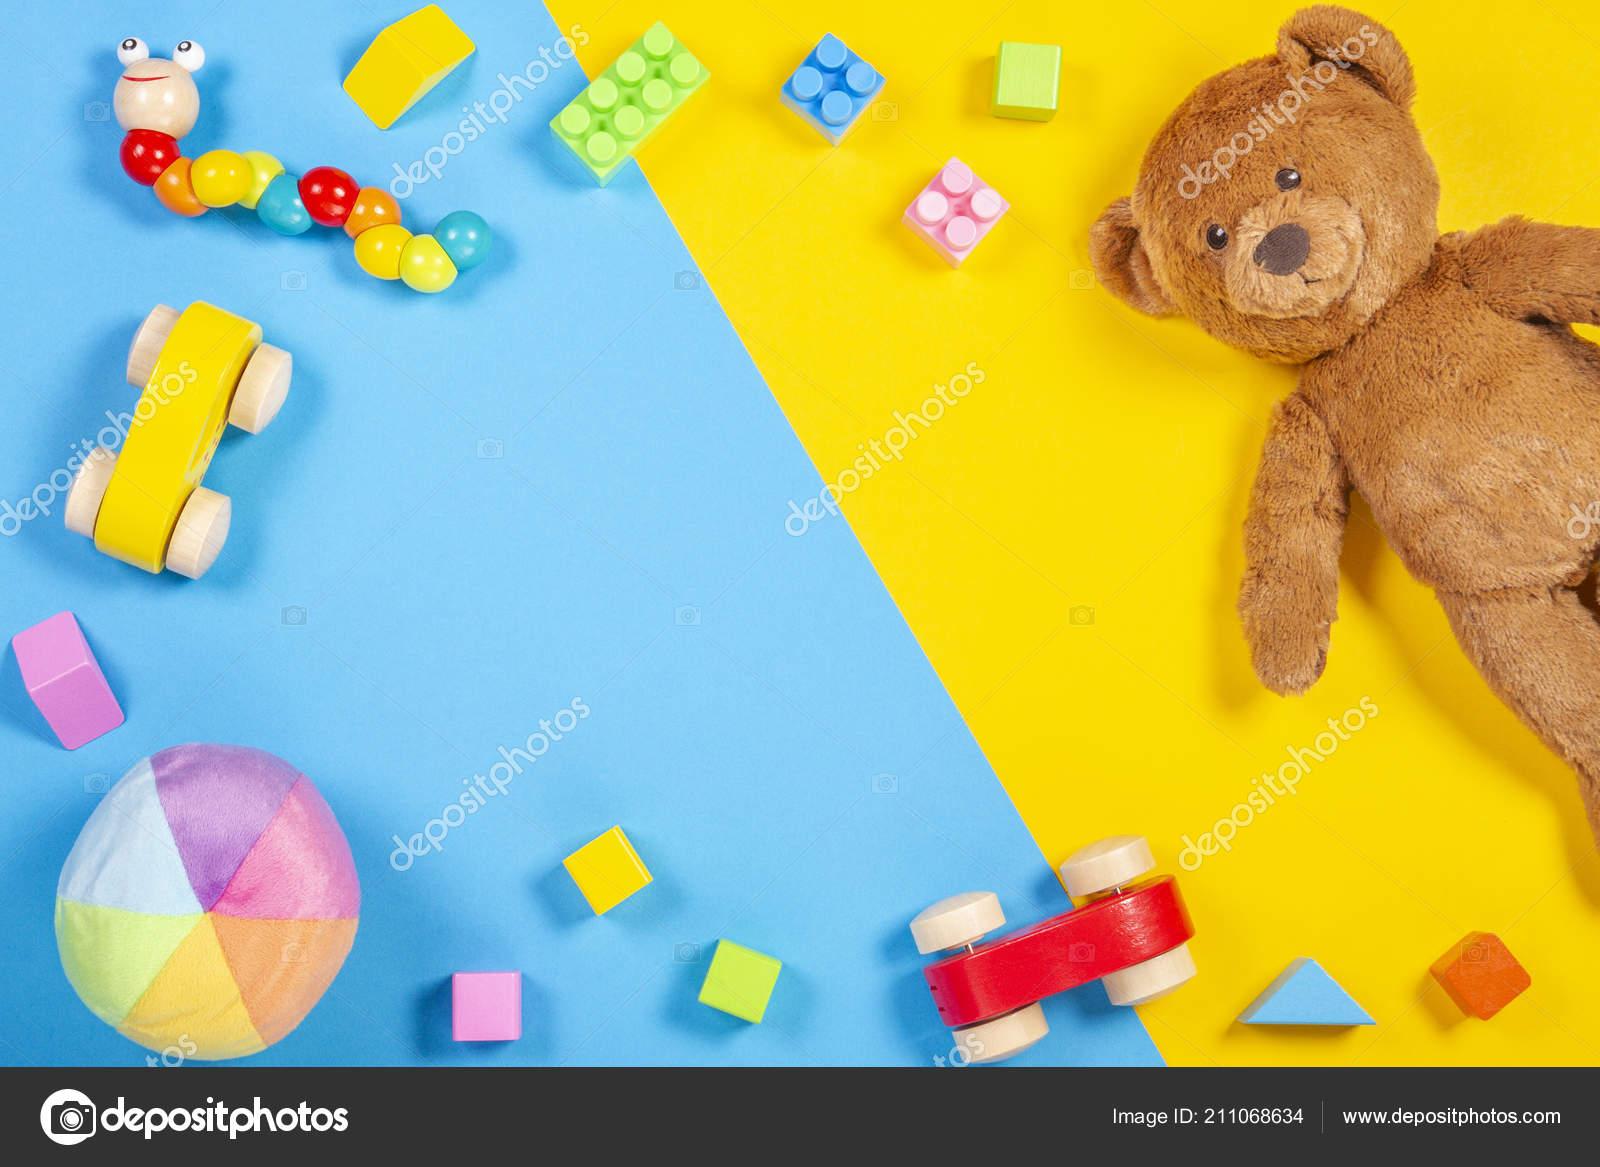 Enfants Bébé Cadre Jouet Jouets En Ours PelucheVoiture Avec lFc3KT1J